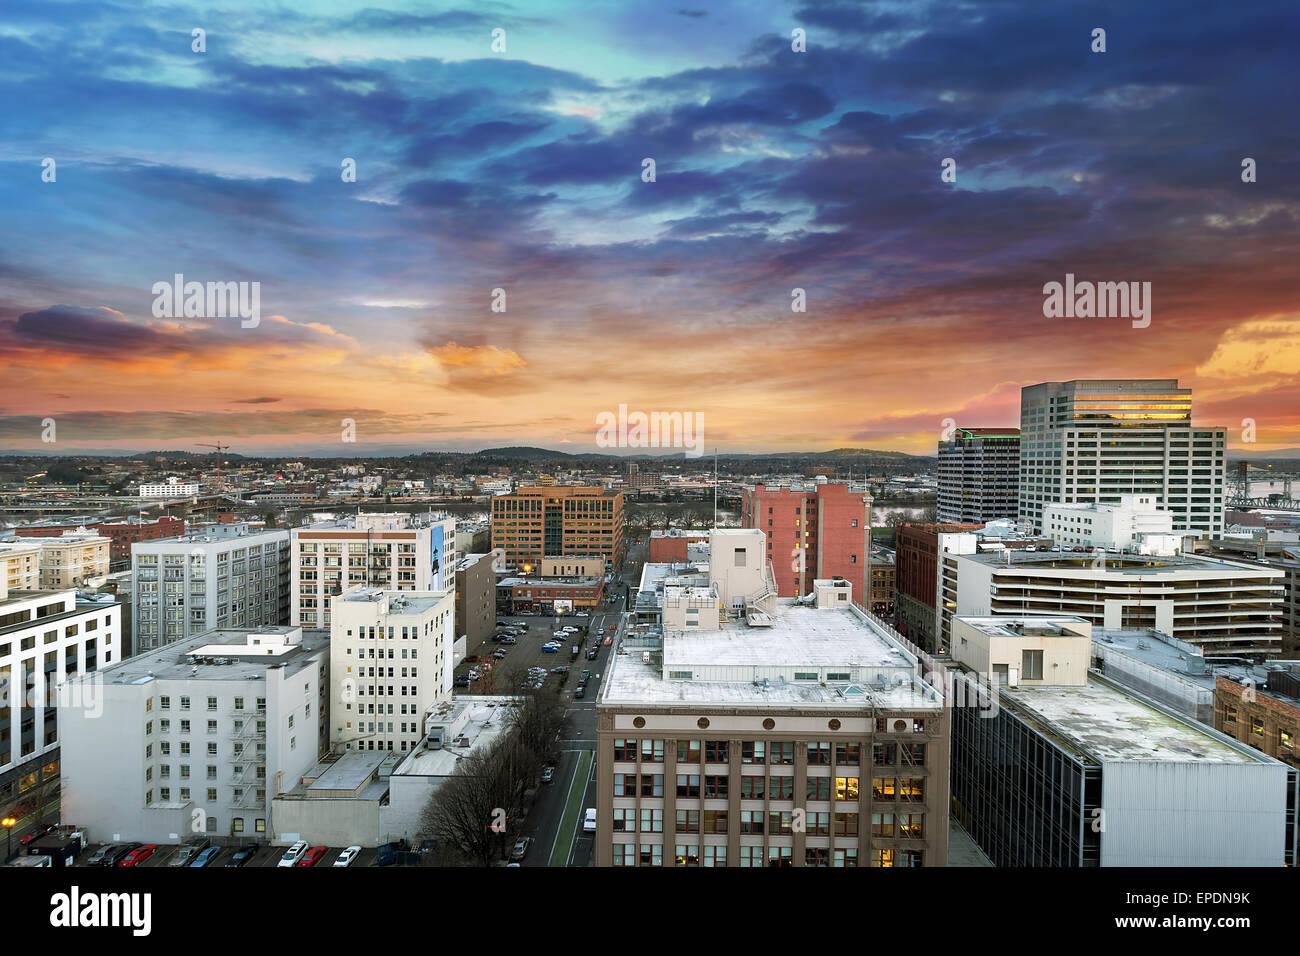 Sonnenuntergang über Portland Oregon Innenstadt Stadtbild mit Mt. Hood in der fernen Zukunft Stockbild